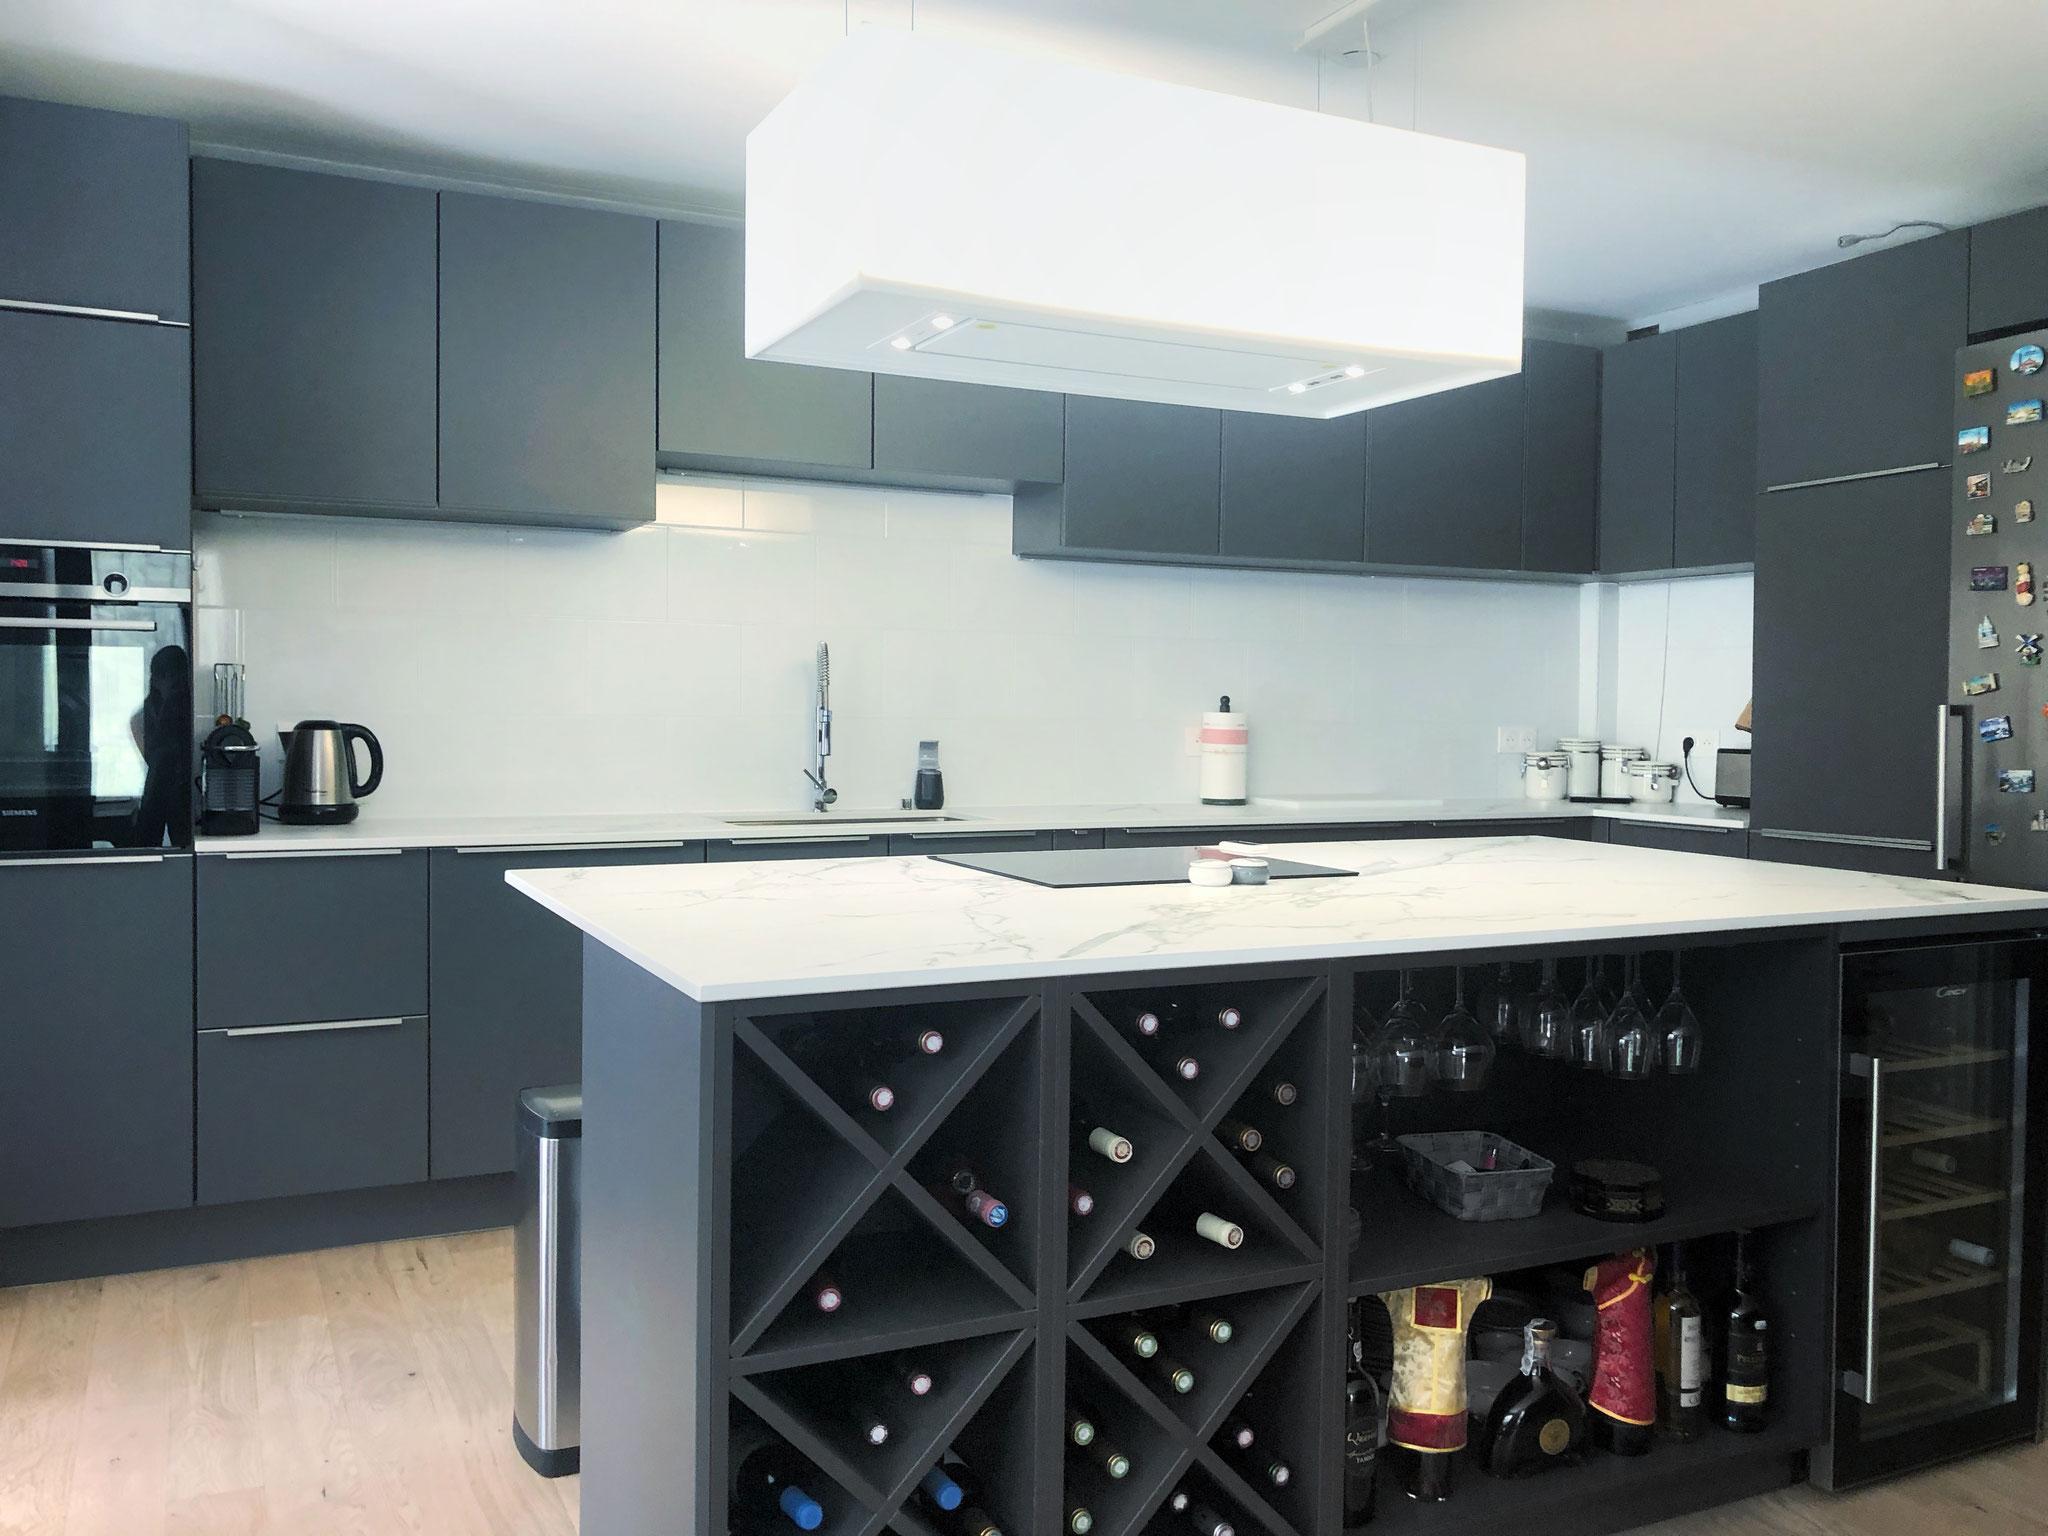 cuisine laque mate grise haut de gamme, ilot technique avec verres suspendus espace vin et cave à vin par cuisine design Toulouse